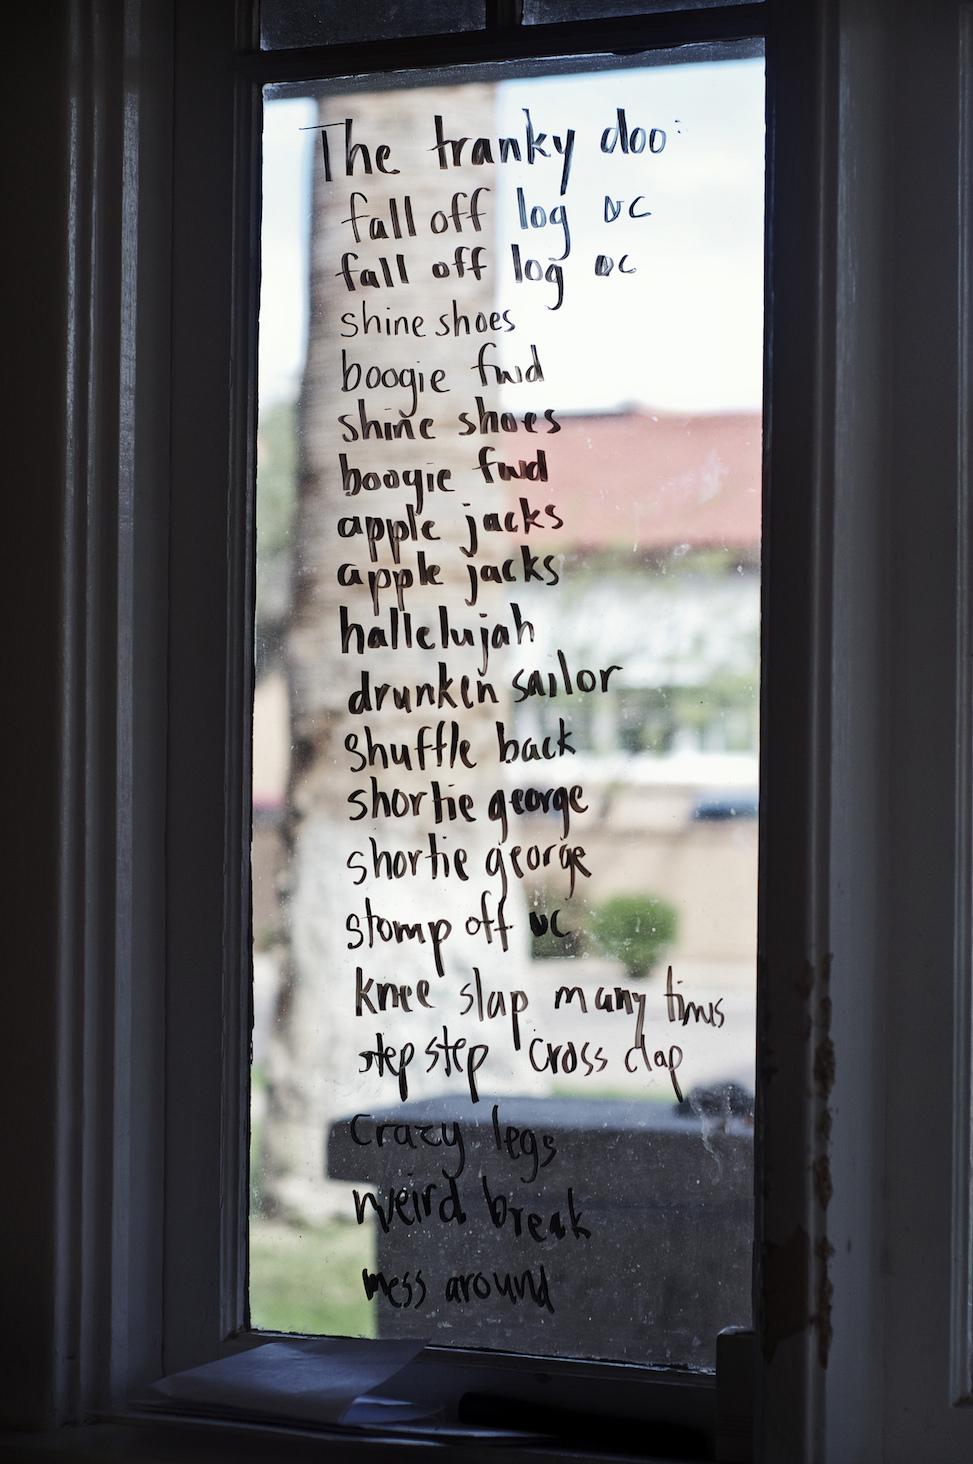 Tranky doo on the window, hoelzen house, phoenix, arizona